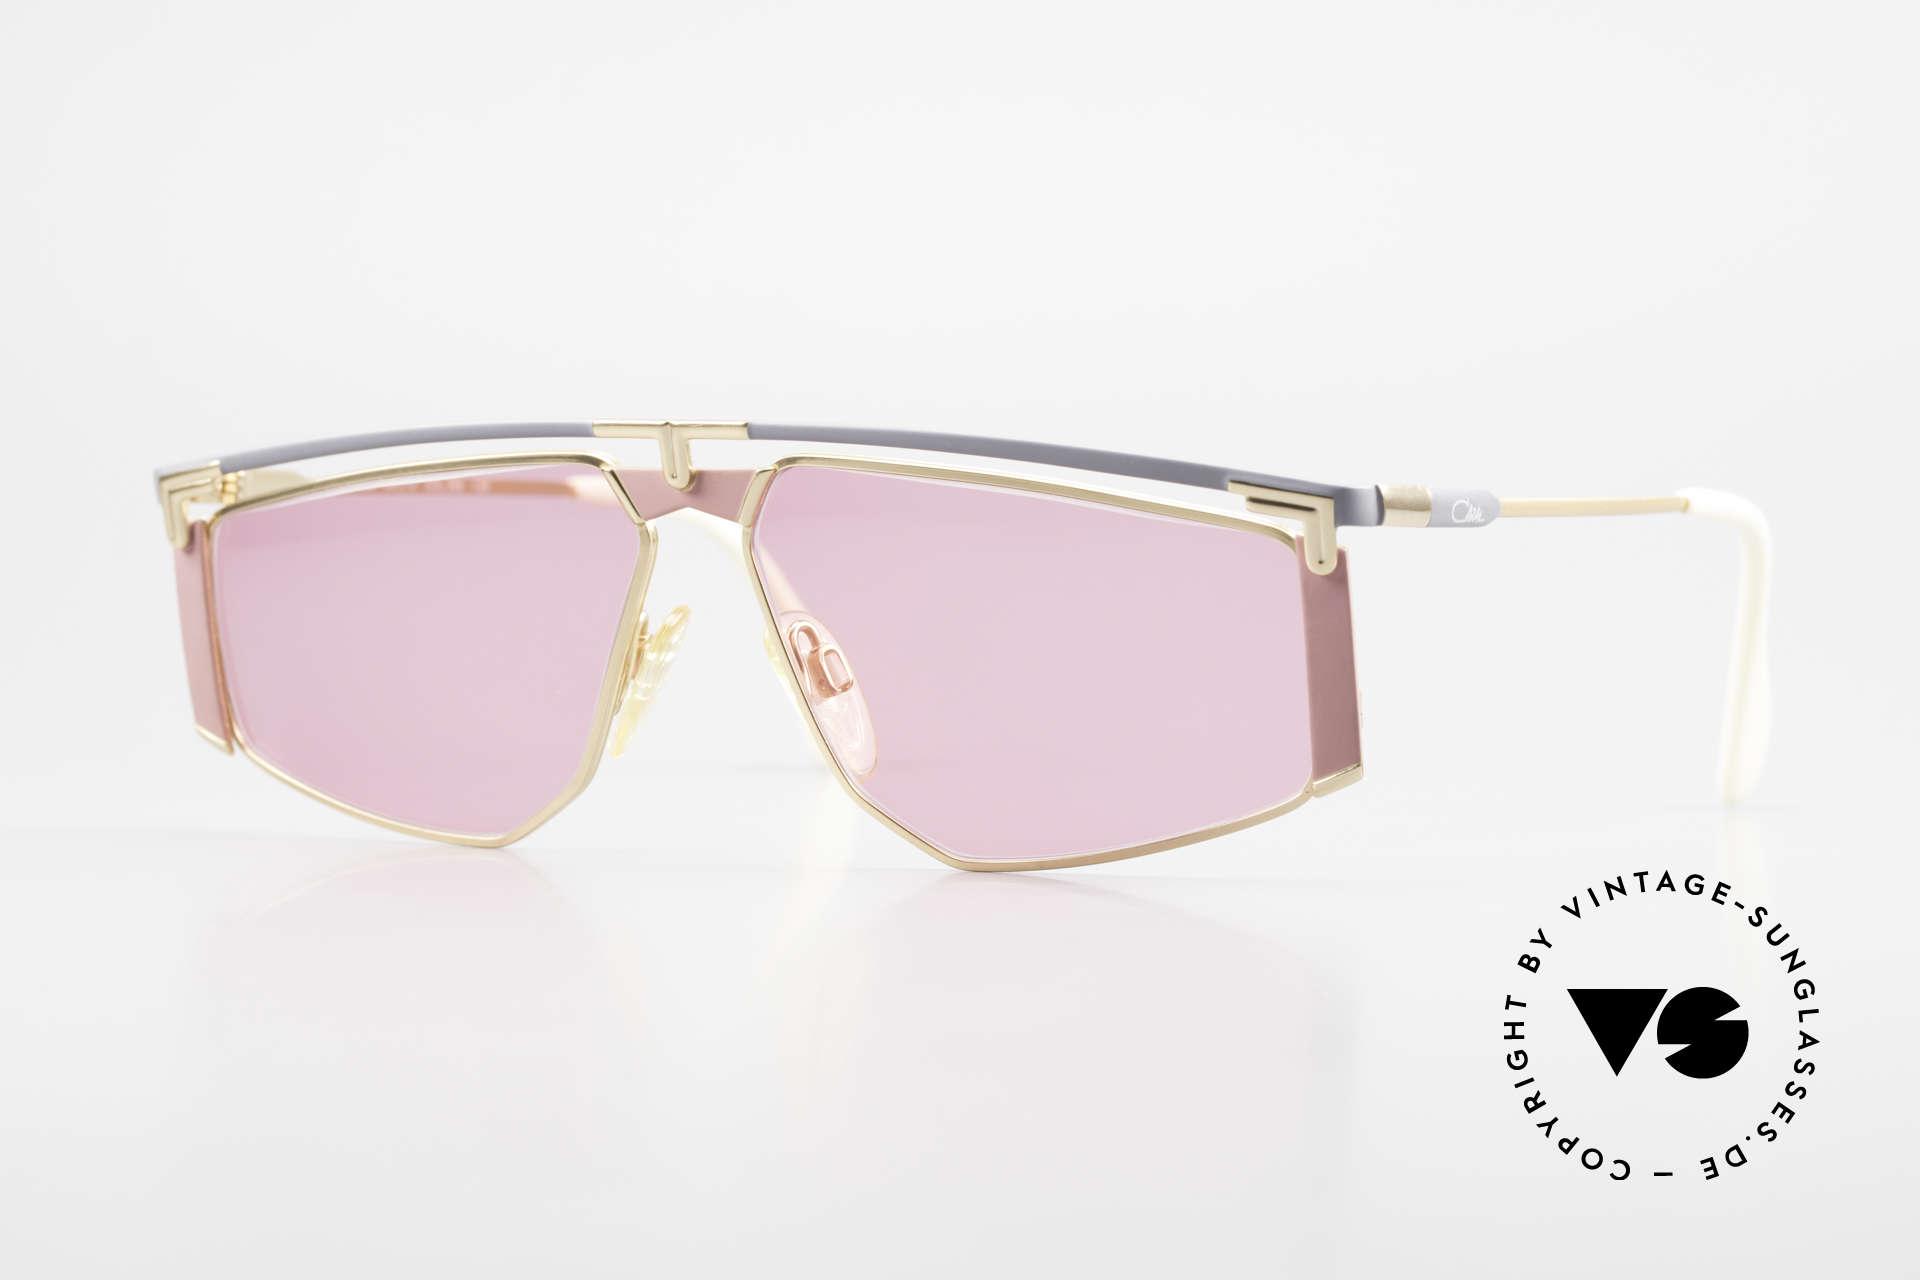 Cazal 235 Pinke Titanium Vintage Brille, vintage CAZAL Titanium Sonnenbrille von circa 1990, Passend für Herren und Damen